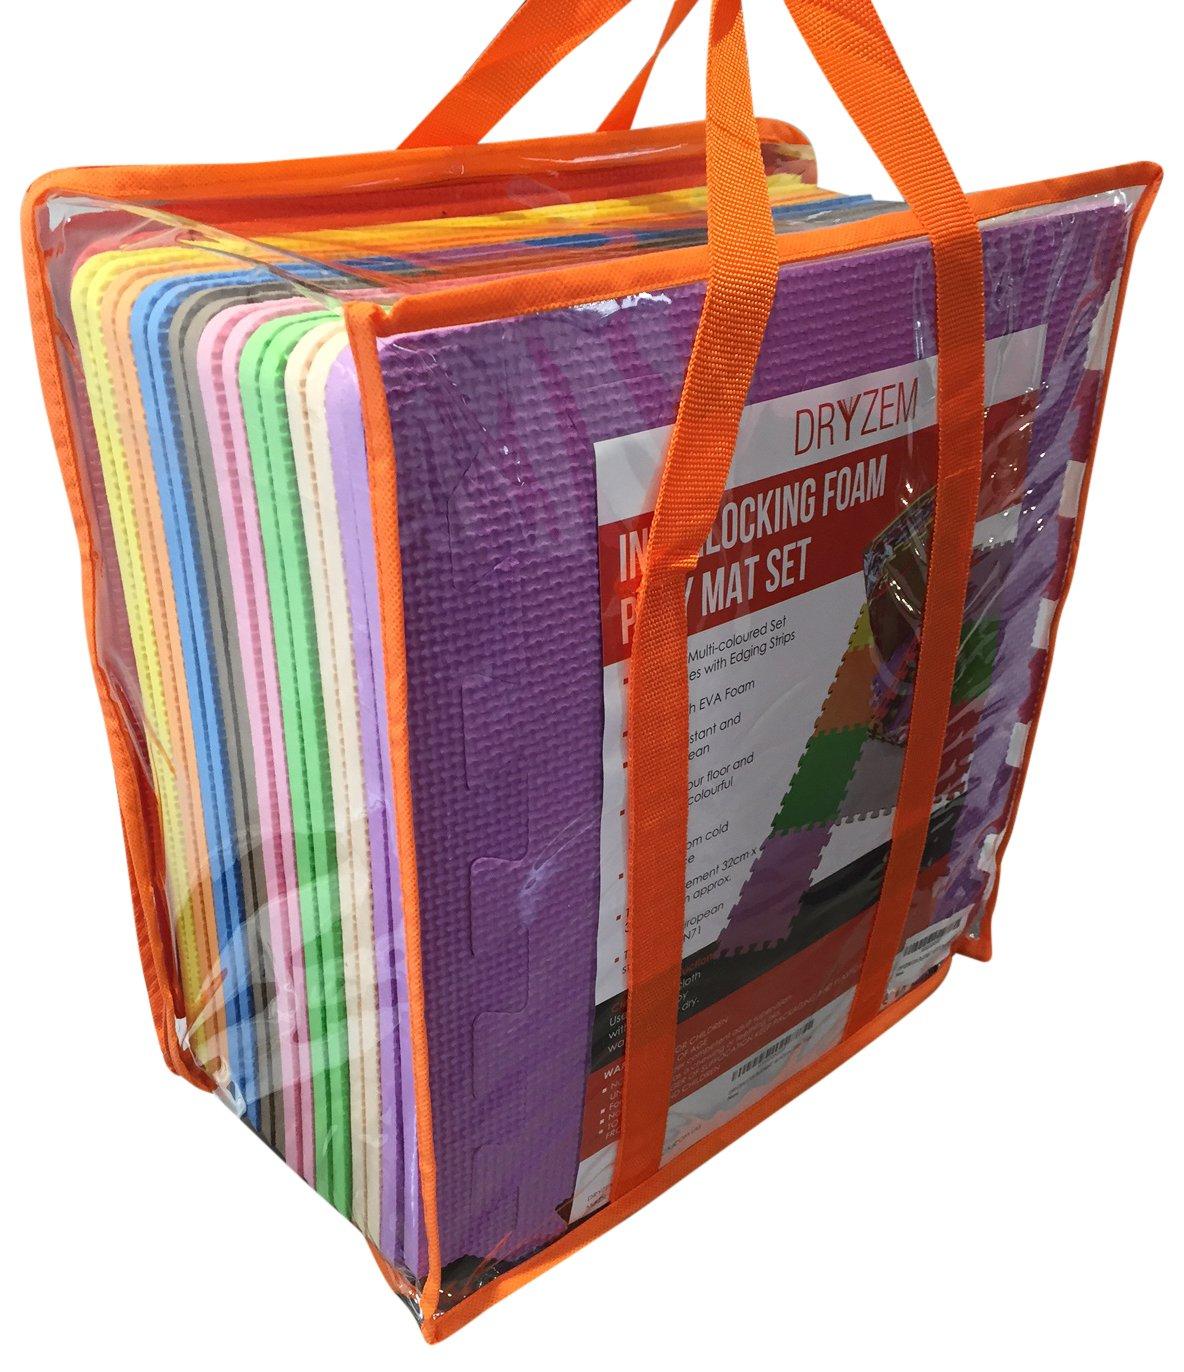 Juego de alfombras de goma EVA suave con bolsa de transporte, de Dryzem. Alfombras encastrables para juego de niños. CAJCOM Ltd